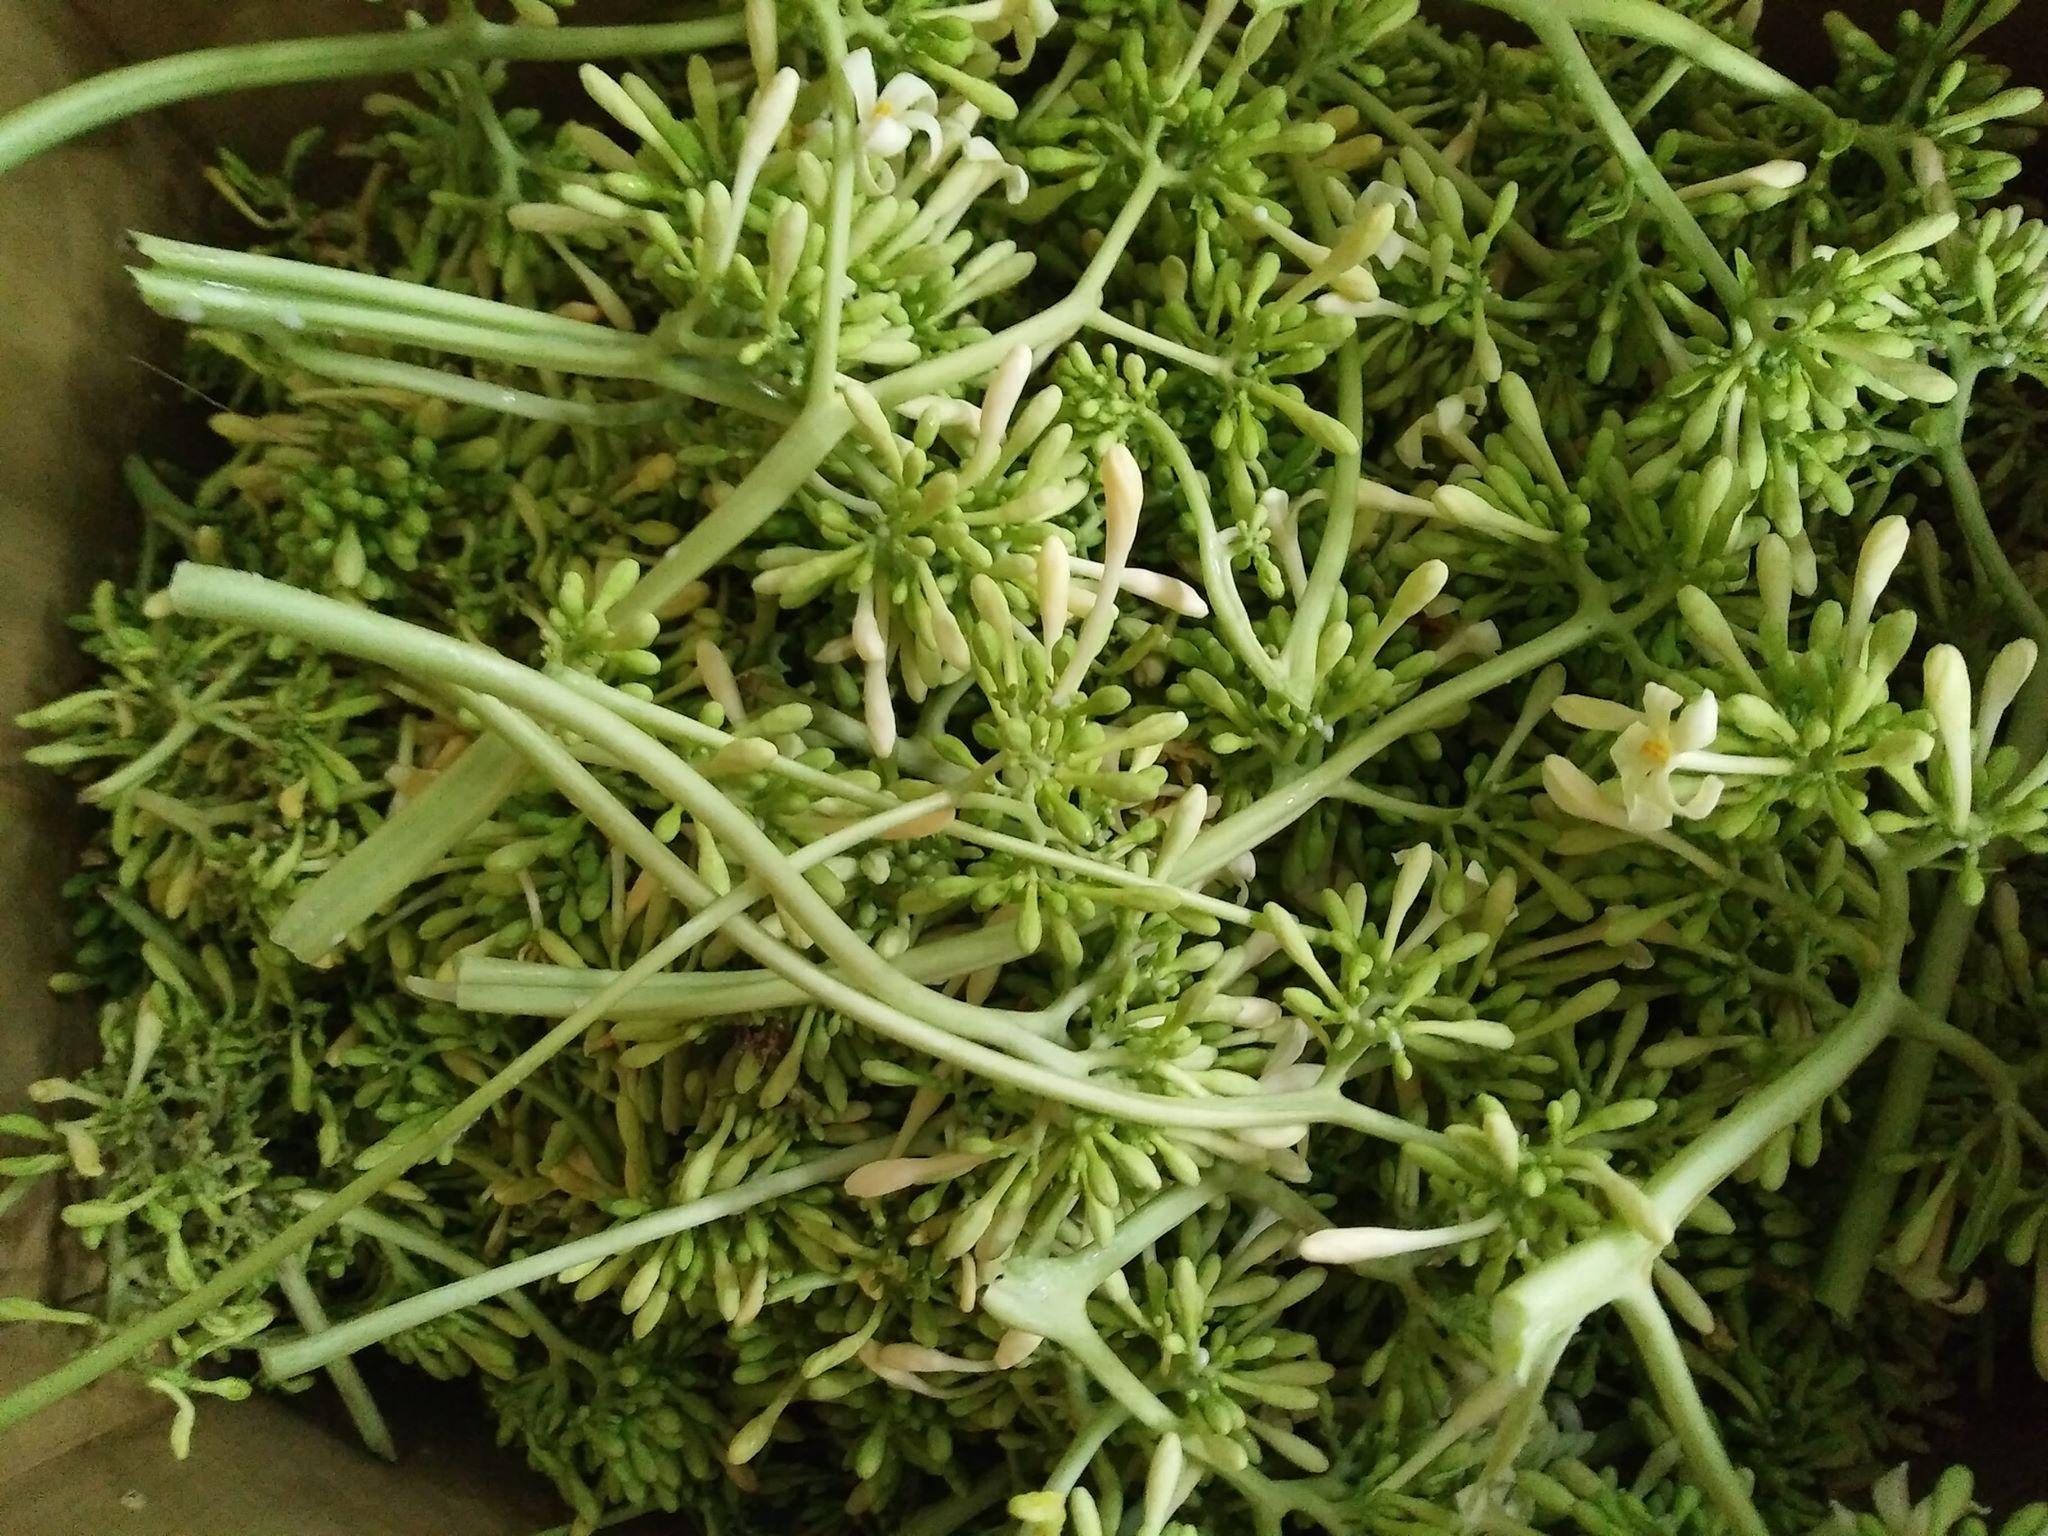 Hoa đu đủ đực: Loại hoa trước đây vứt đi nay được gom bán tiền triệu/kg - Ảnh 2.